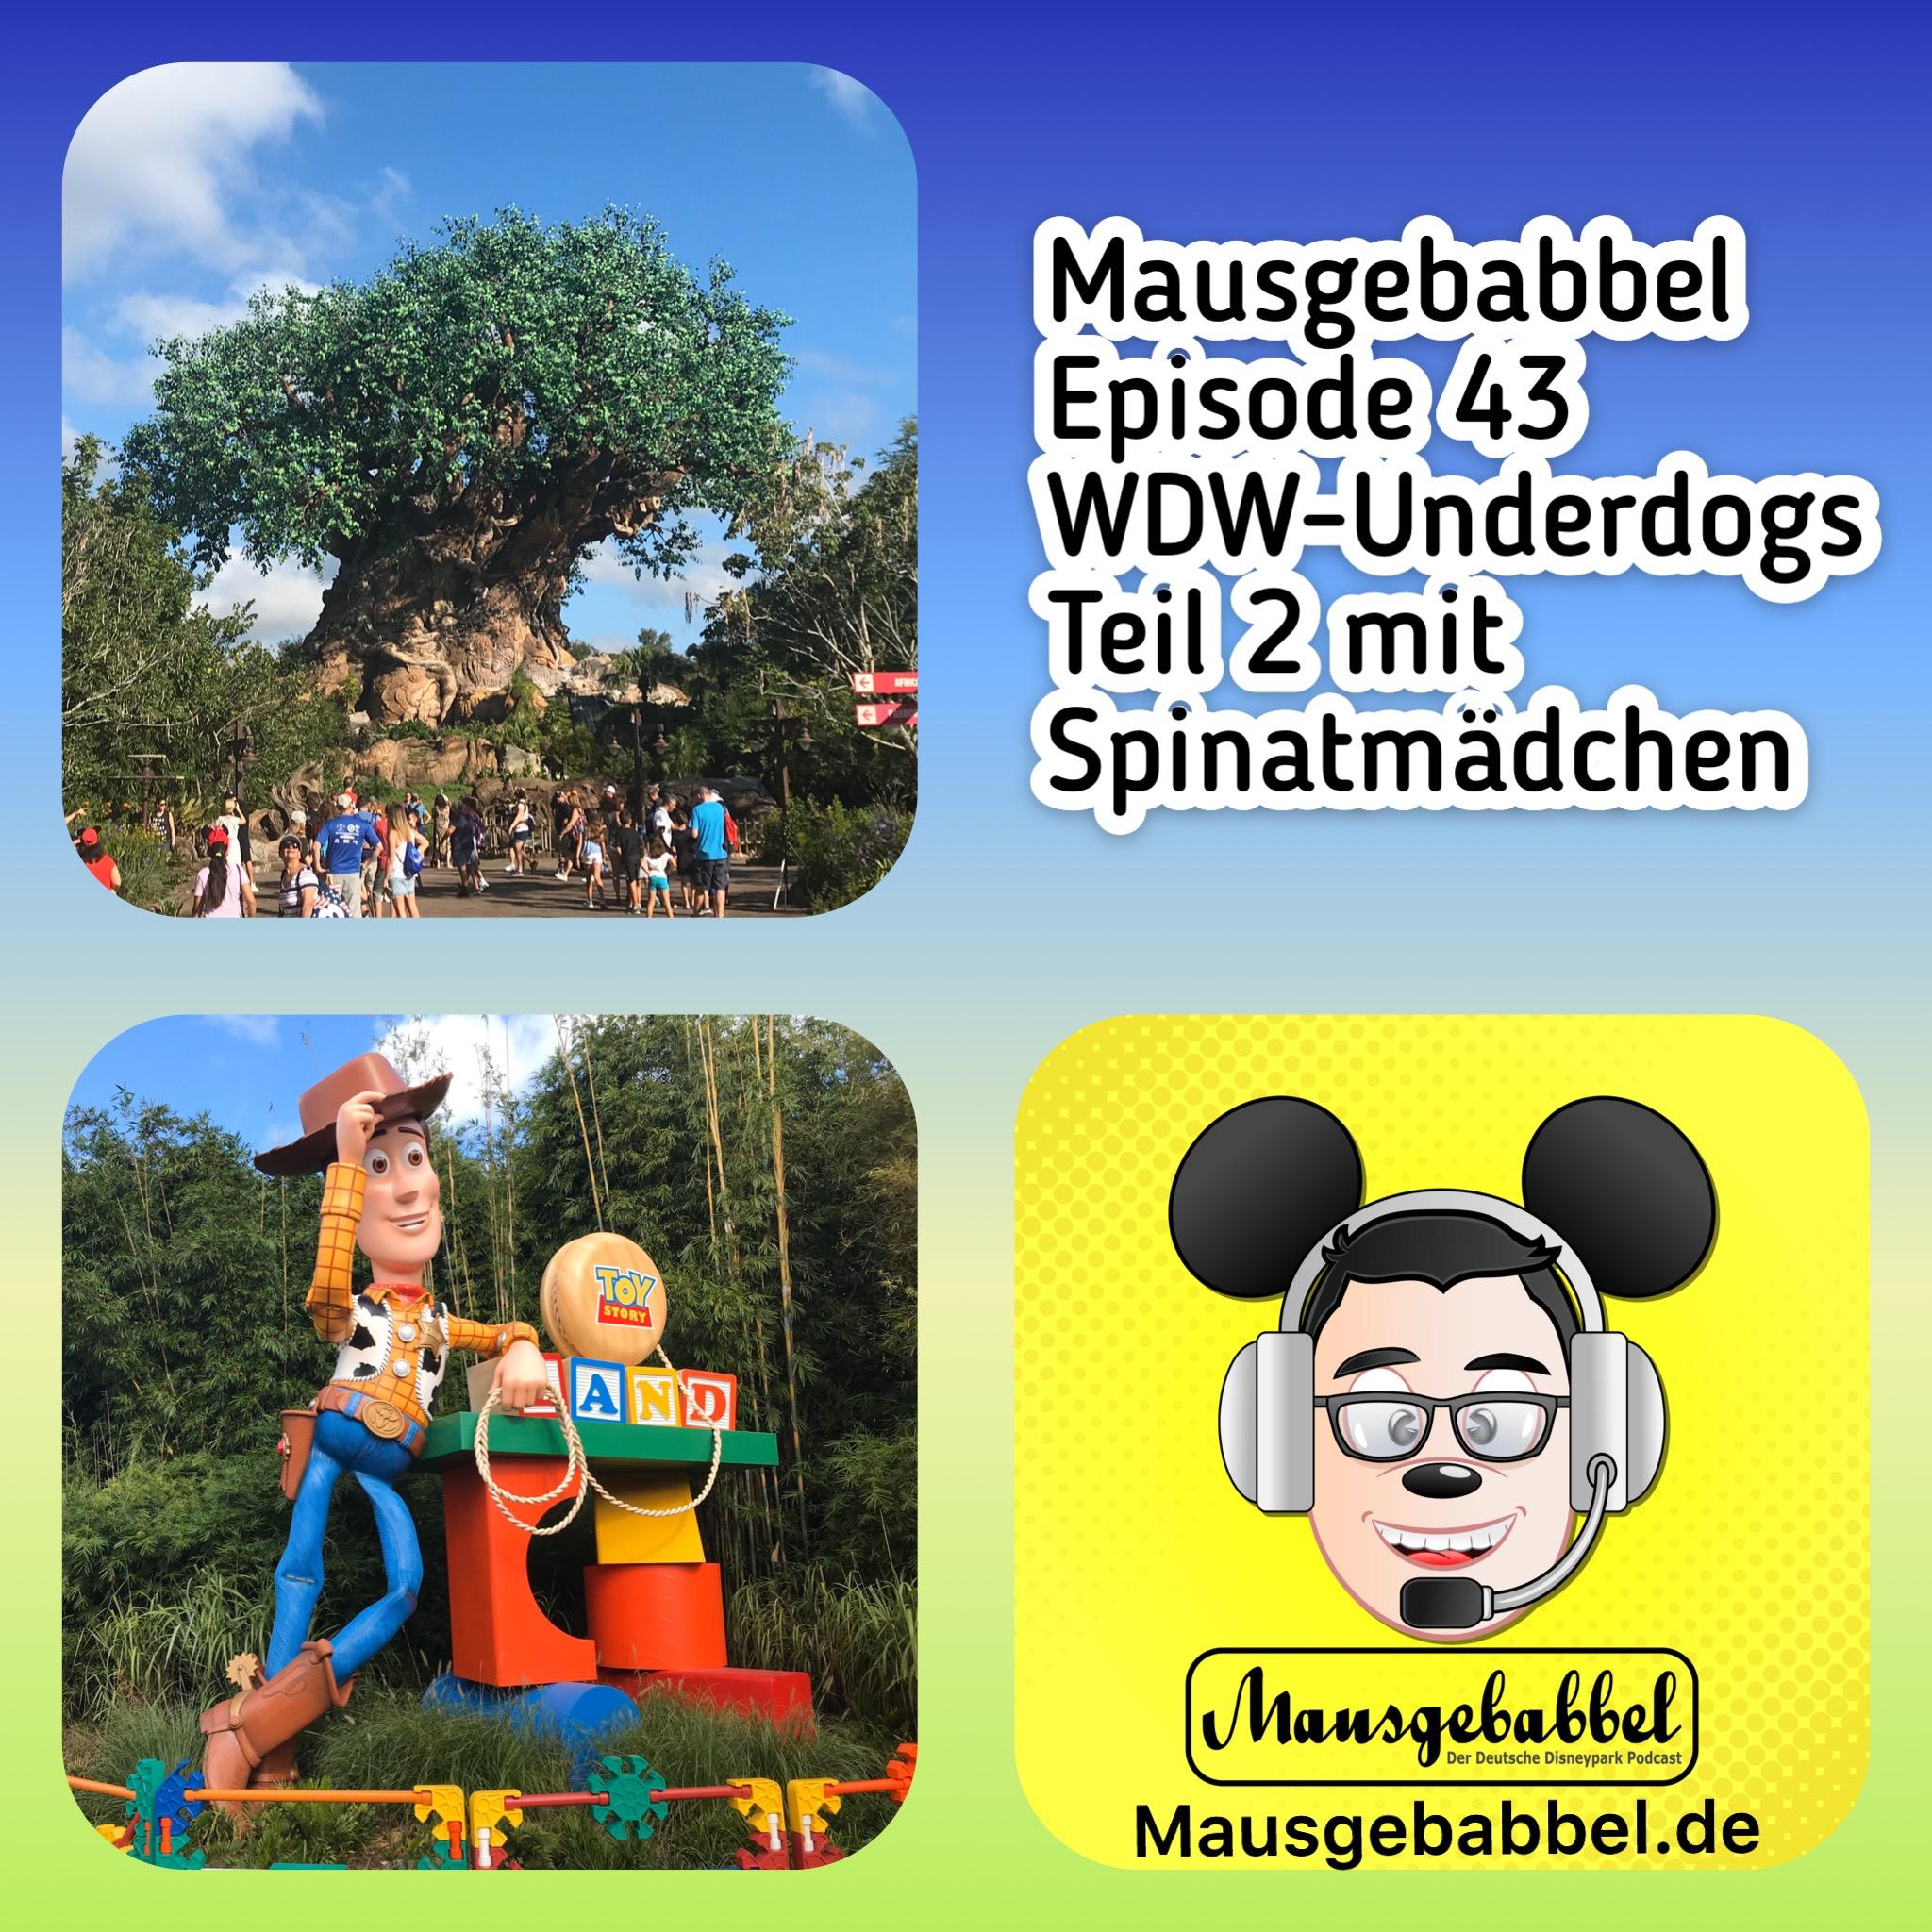 Mausgebabbel 43 - Walt Disney World Underdogs mit Spinatmädchen Teil 2